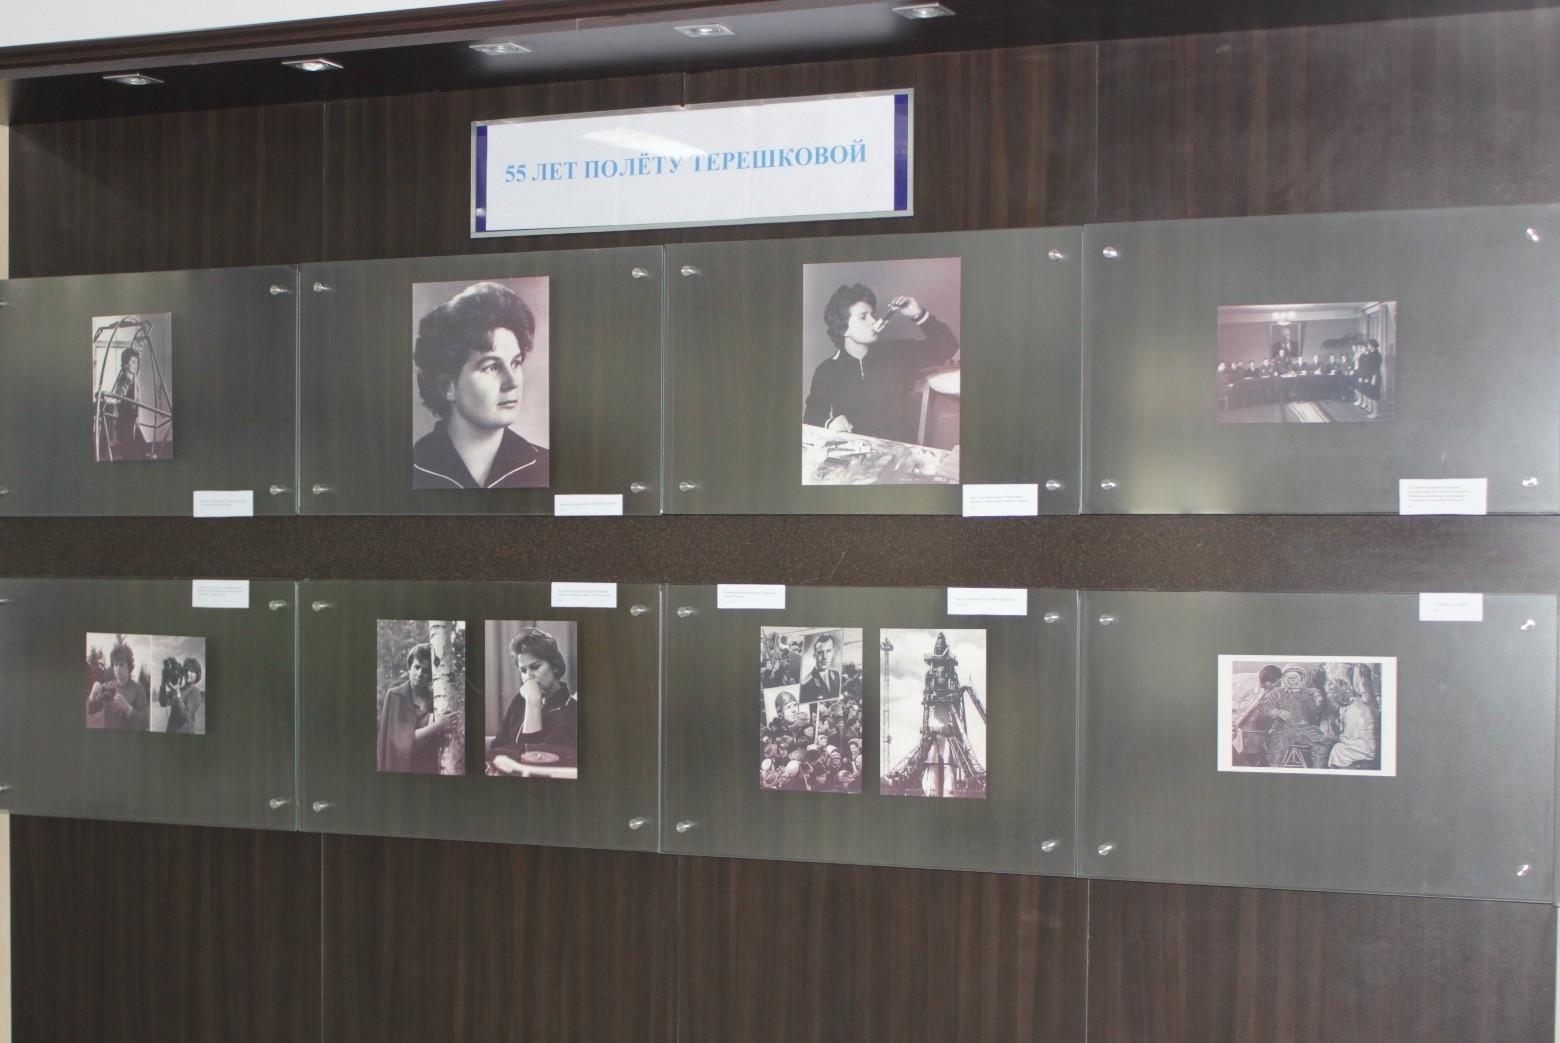 Photo exhibition dedicated to 55th anniversary of Valentina Tereshkova's flight opens in Baku - PHOTOS